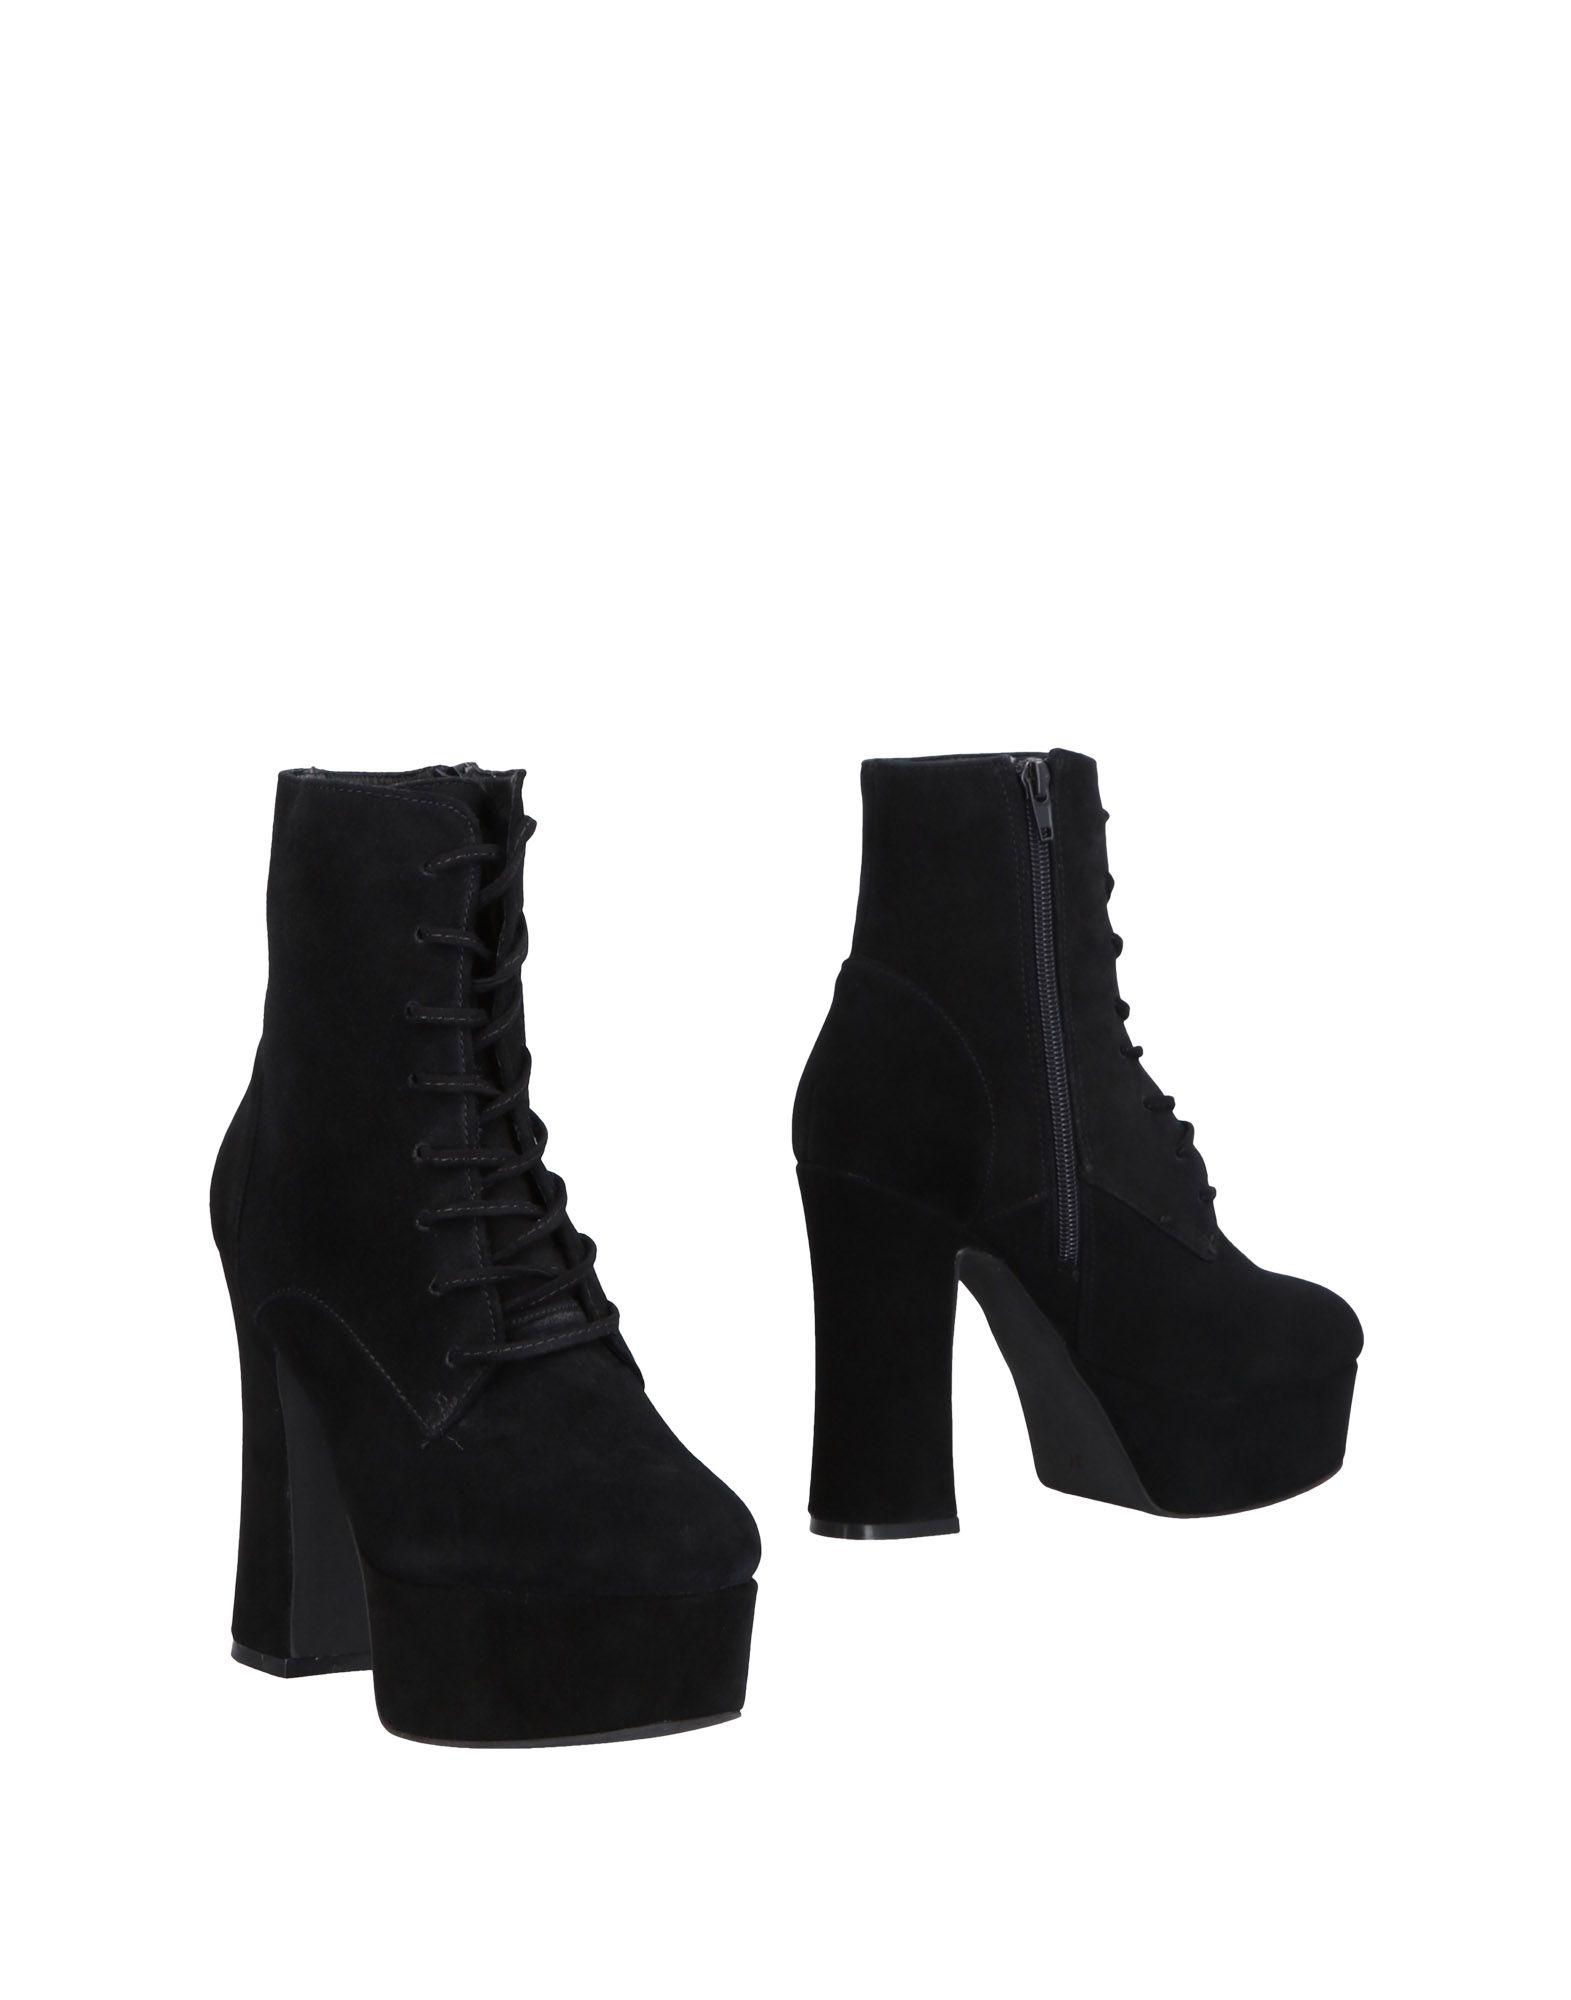 Jeffrey Campbell Stiefelette Damen beliebte  11465485PP Gute Qualität beliebte Damen Schuhe 0e4ad5